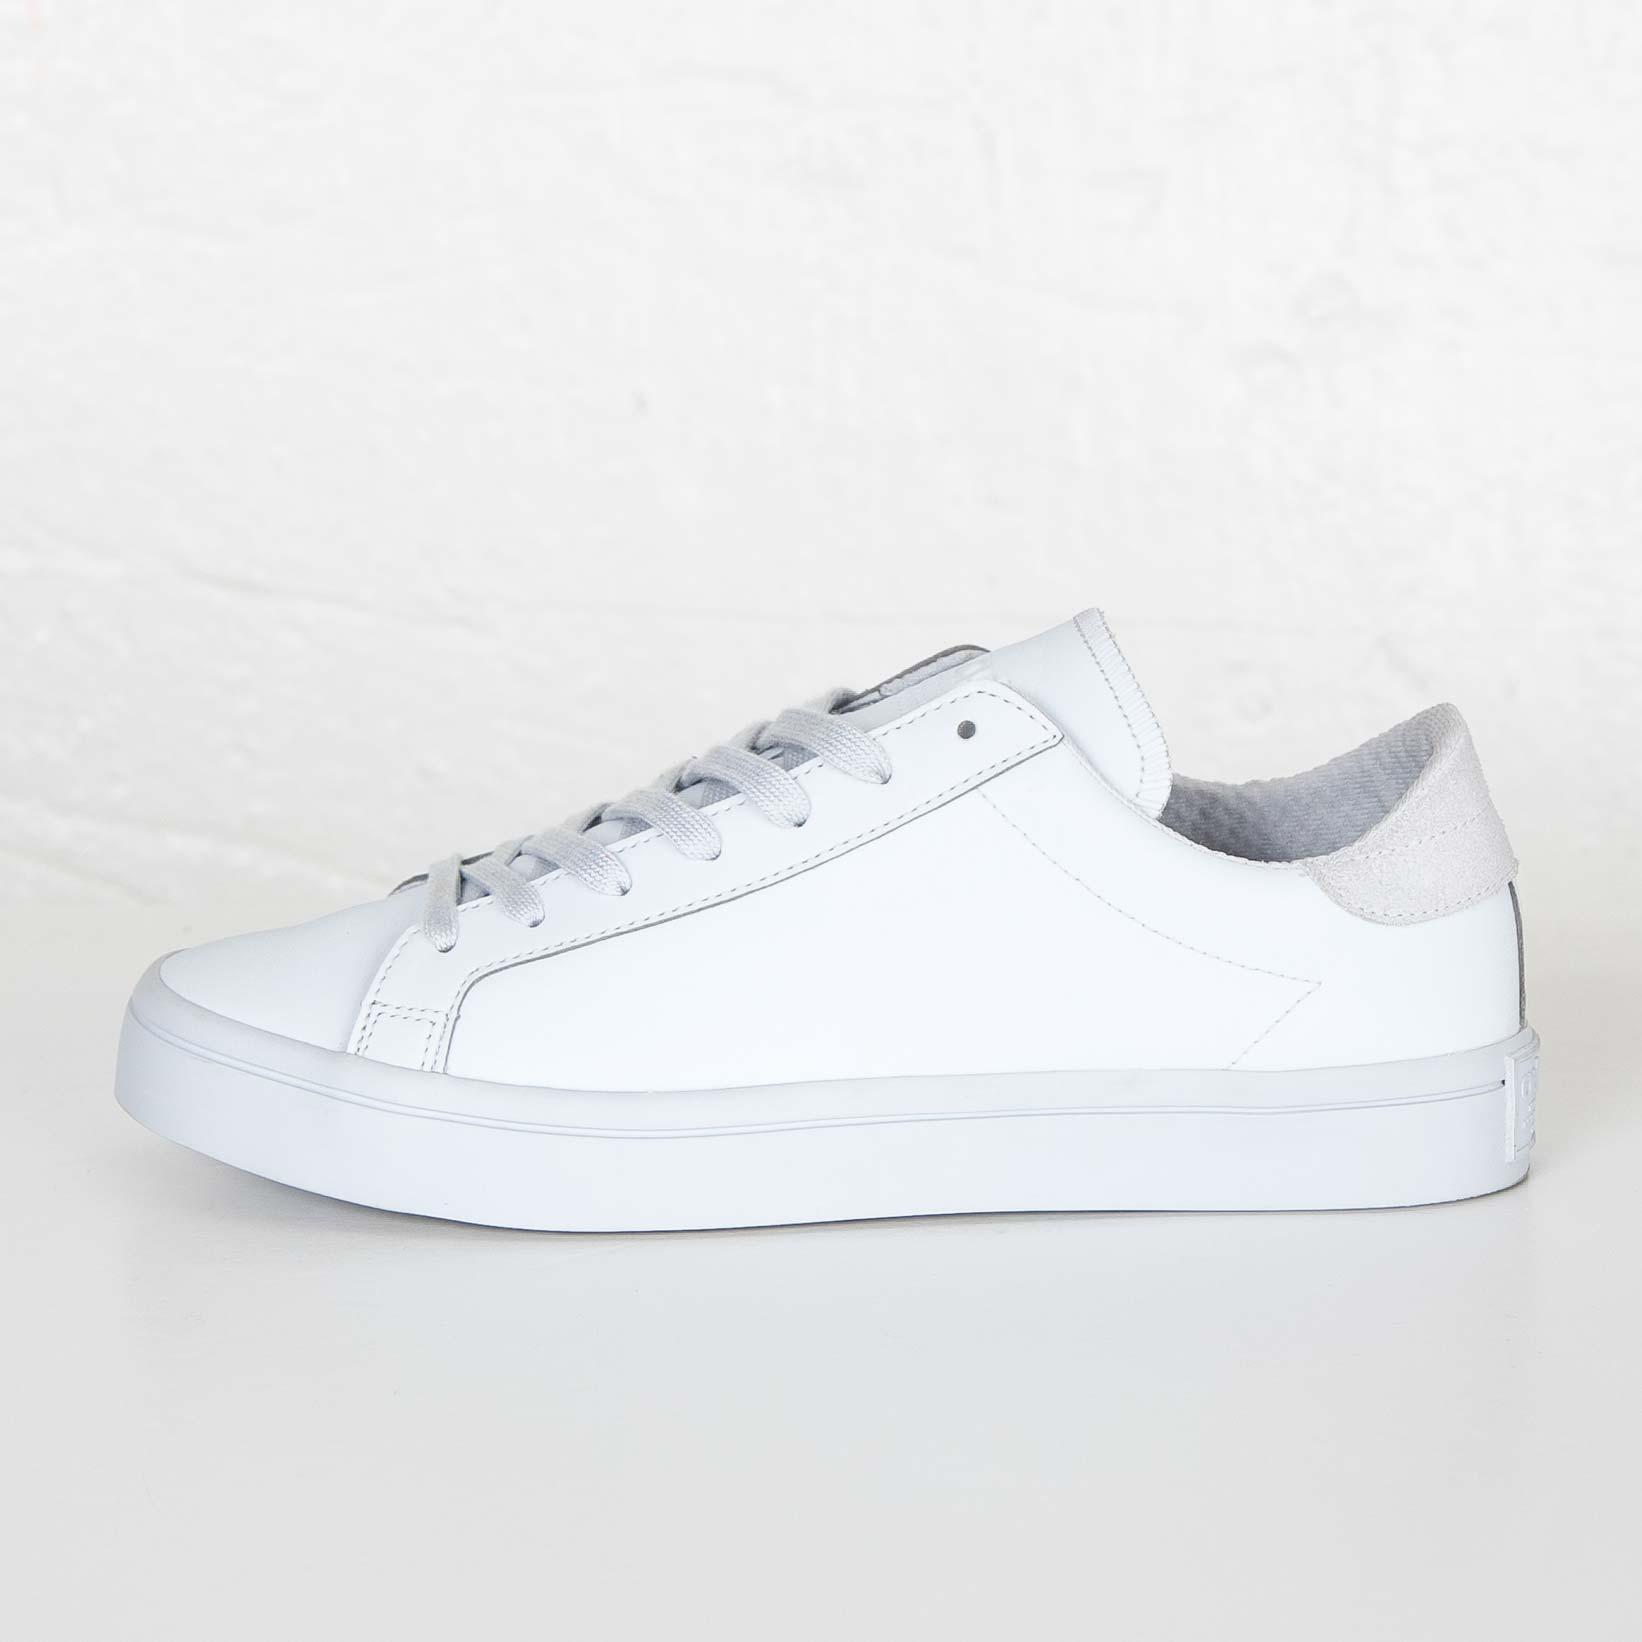 88a7f4d9f6f1cf adidas Court Vantage Adicolor - S80255 - Sneakersnstuff